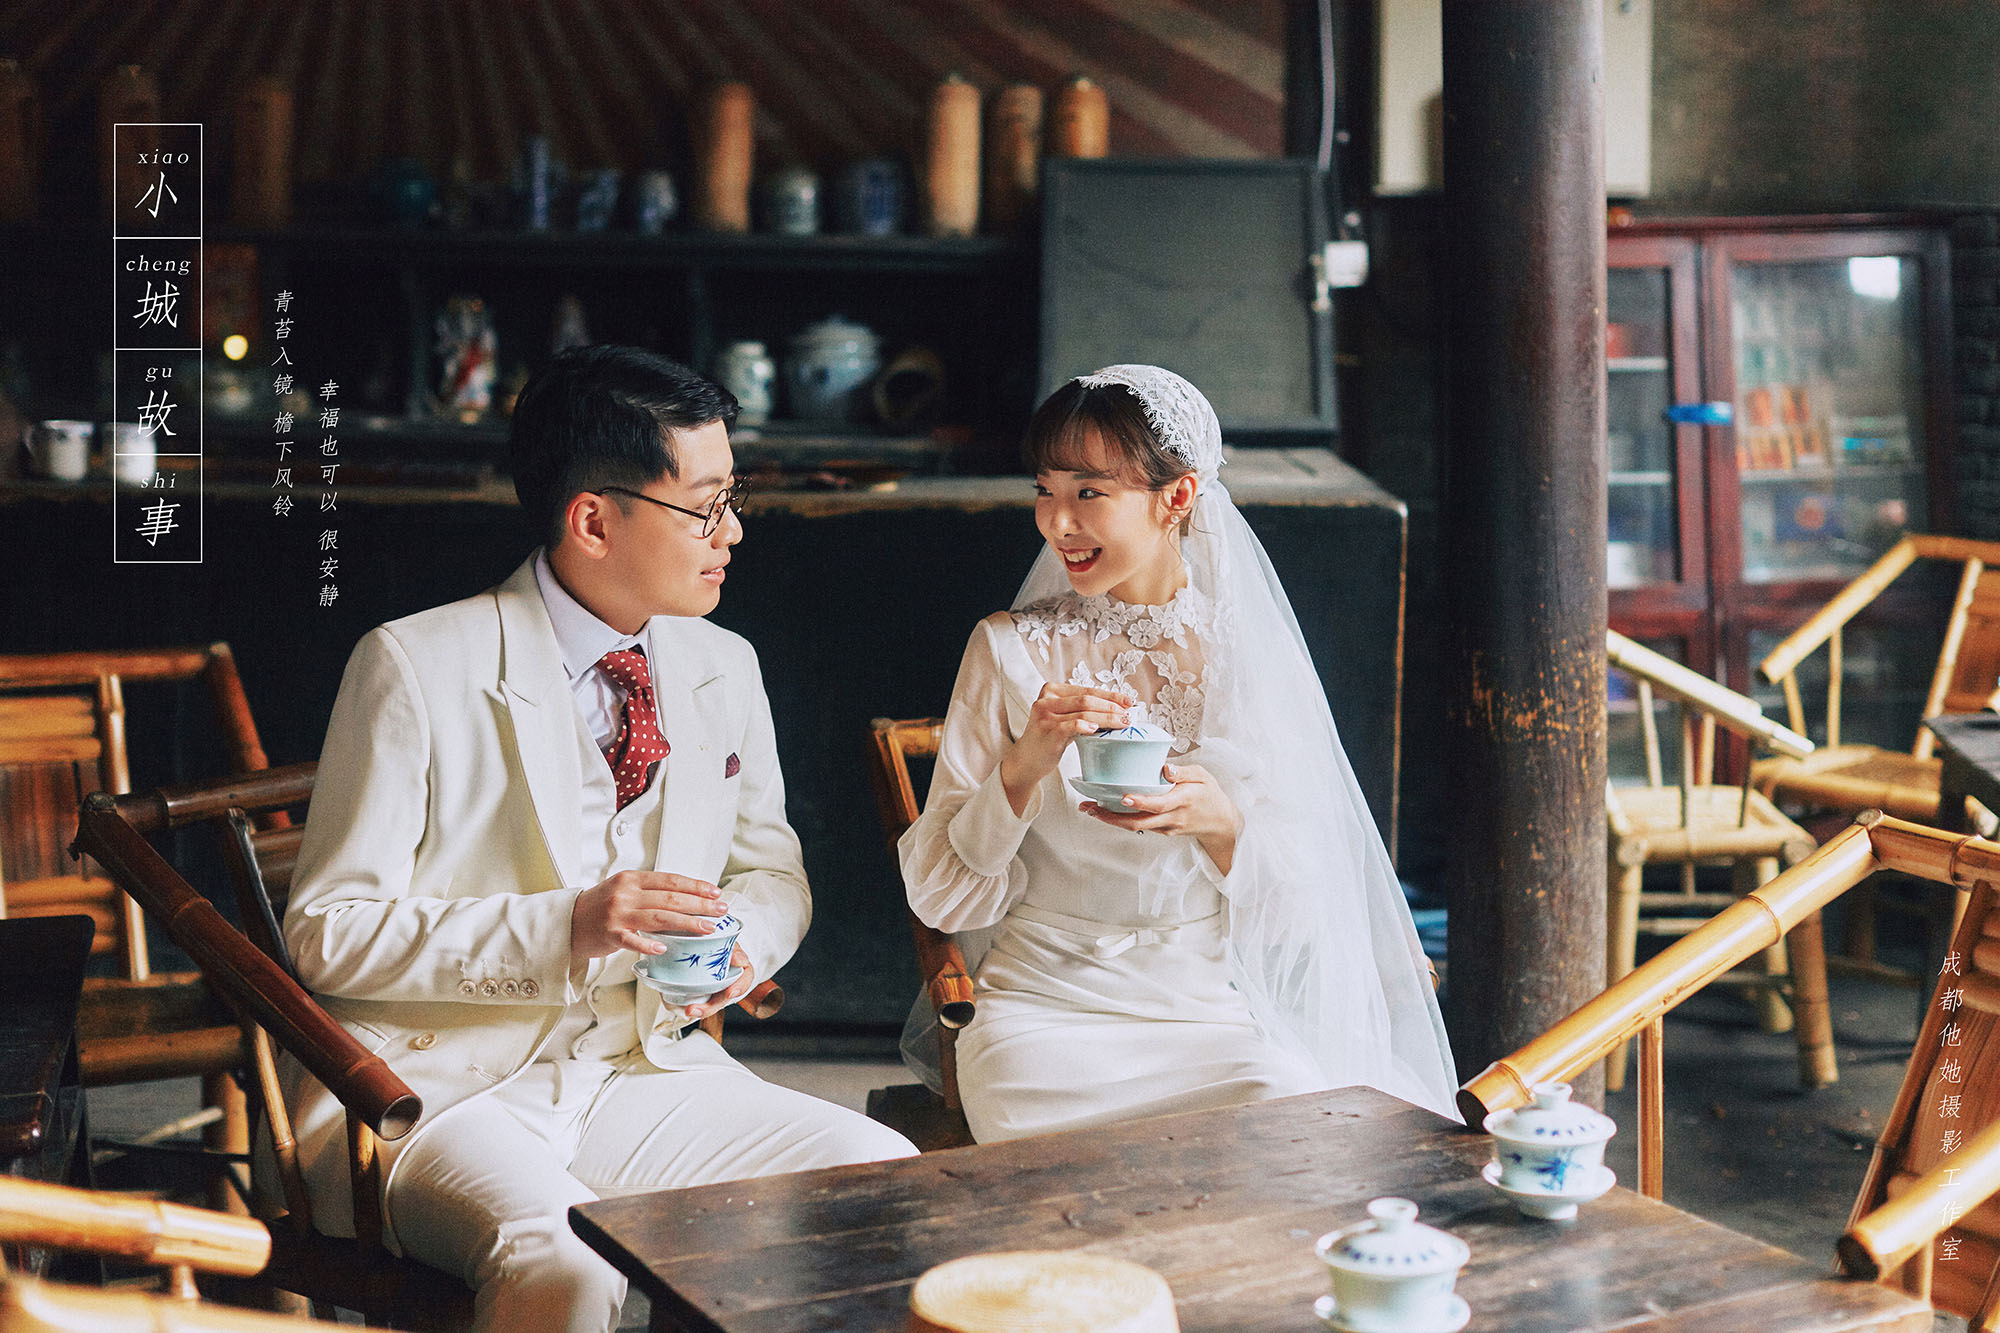 成都婚纱摄影工作室他她摄影   成都婚纱照